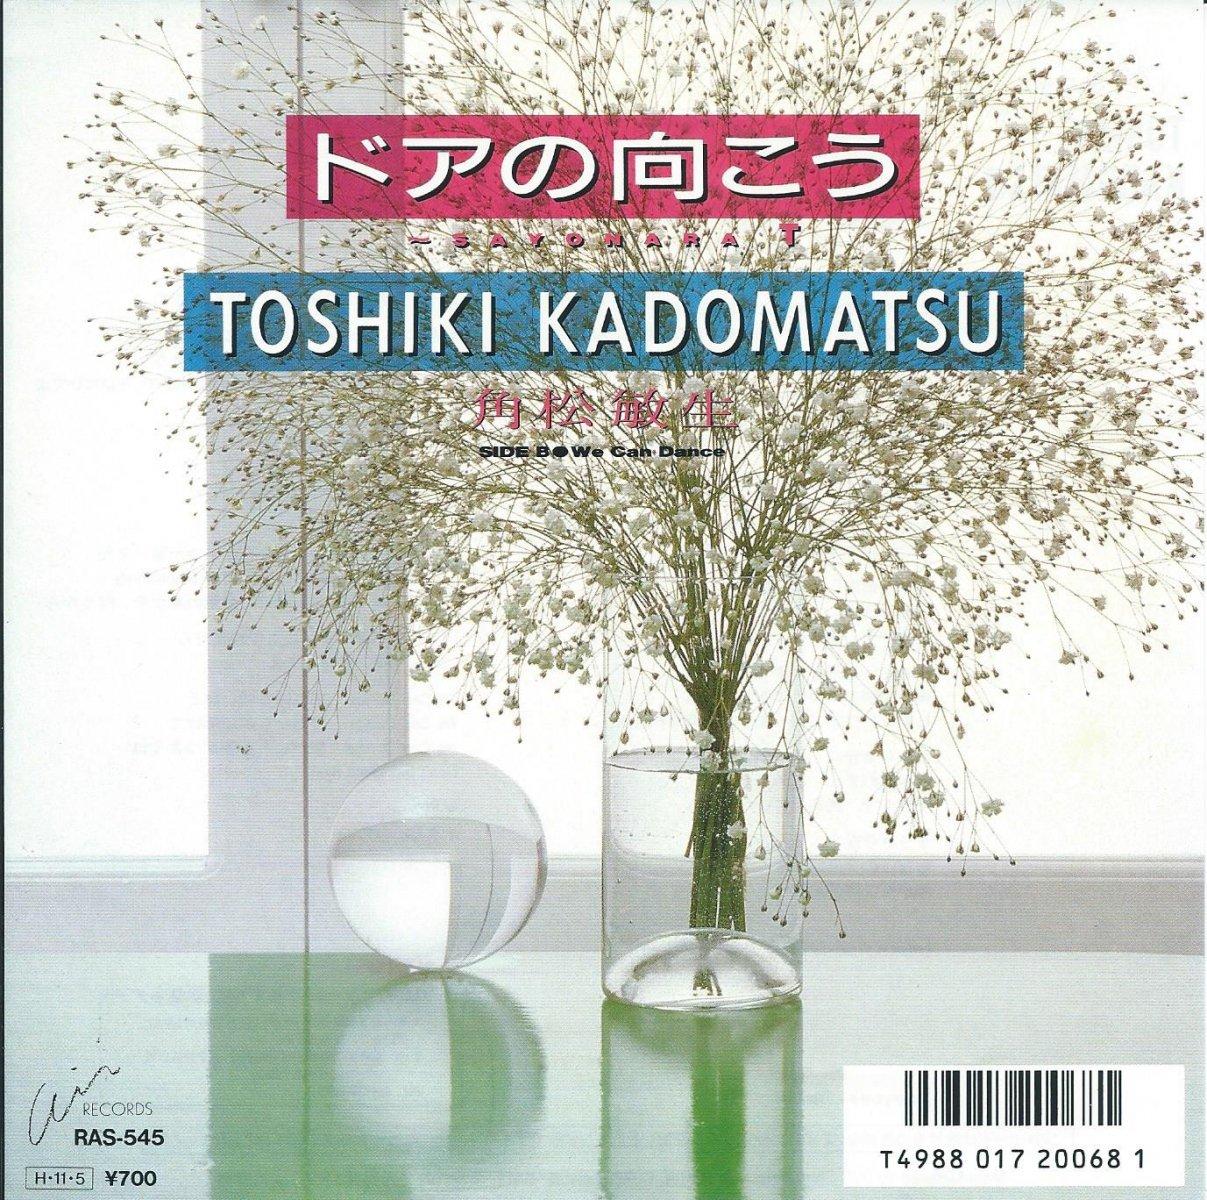 角松敏生 TOSHIKI KADOMATSU / ドアの向こう 〜SAYONARA T〜 / WE CAN DANCE (7